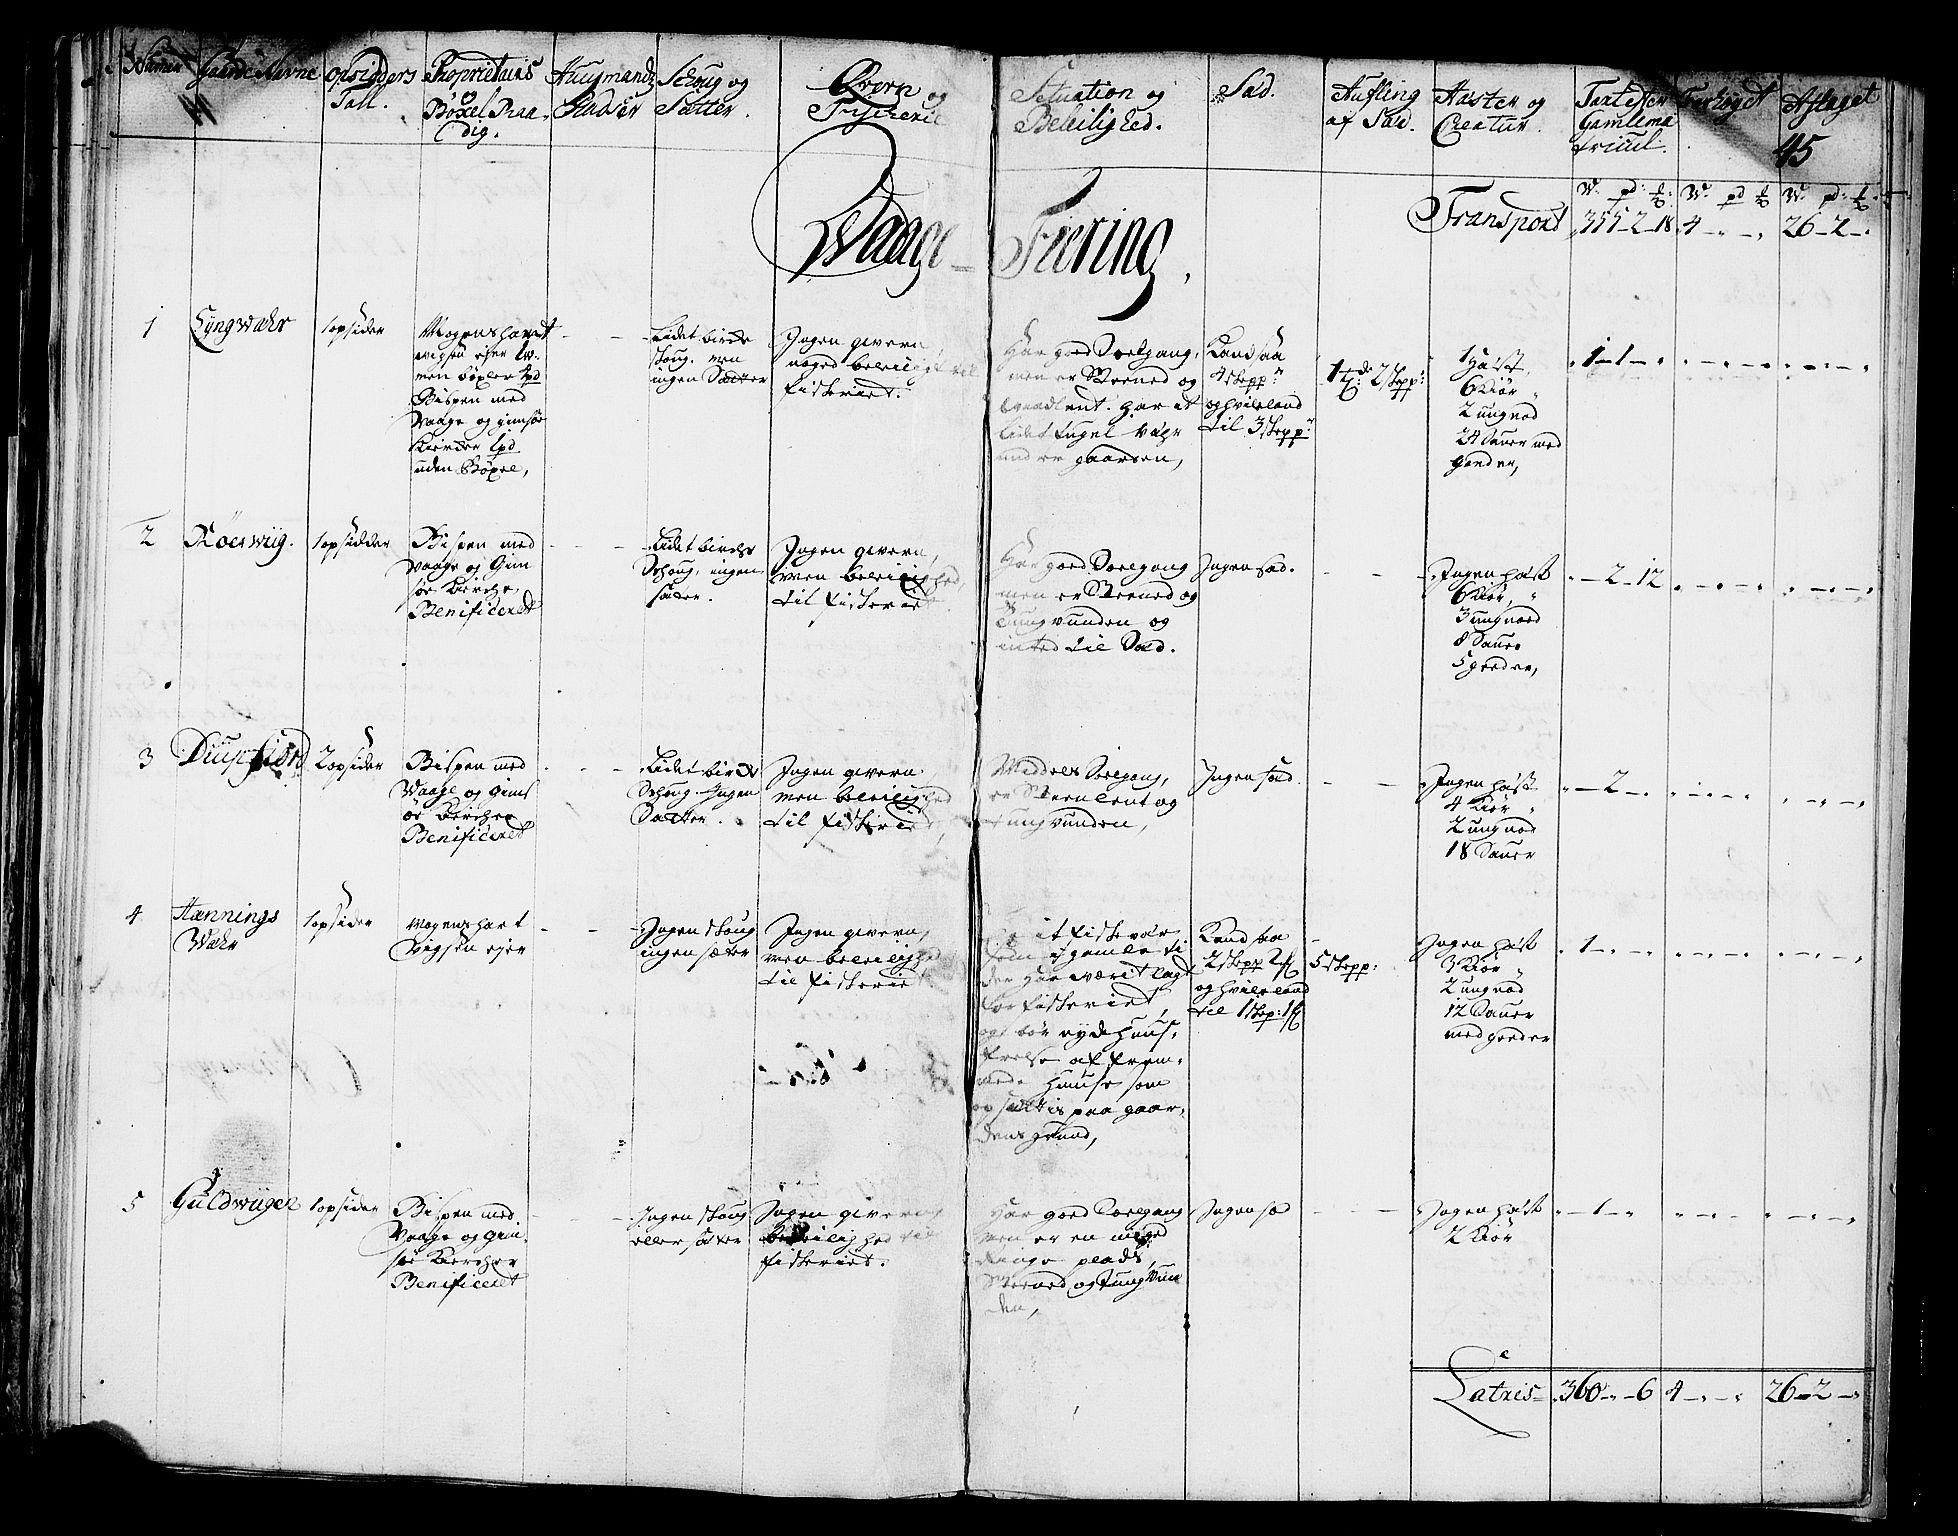 RA, Rentekammeret inntil 1814, Realistisk ordnet avdeling, N/Nb/Nbf/L0174: Lofoten eksaminasjonsprotokoll, 1723, s. 44b-45a